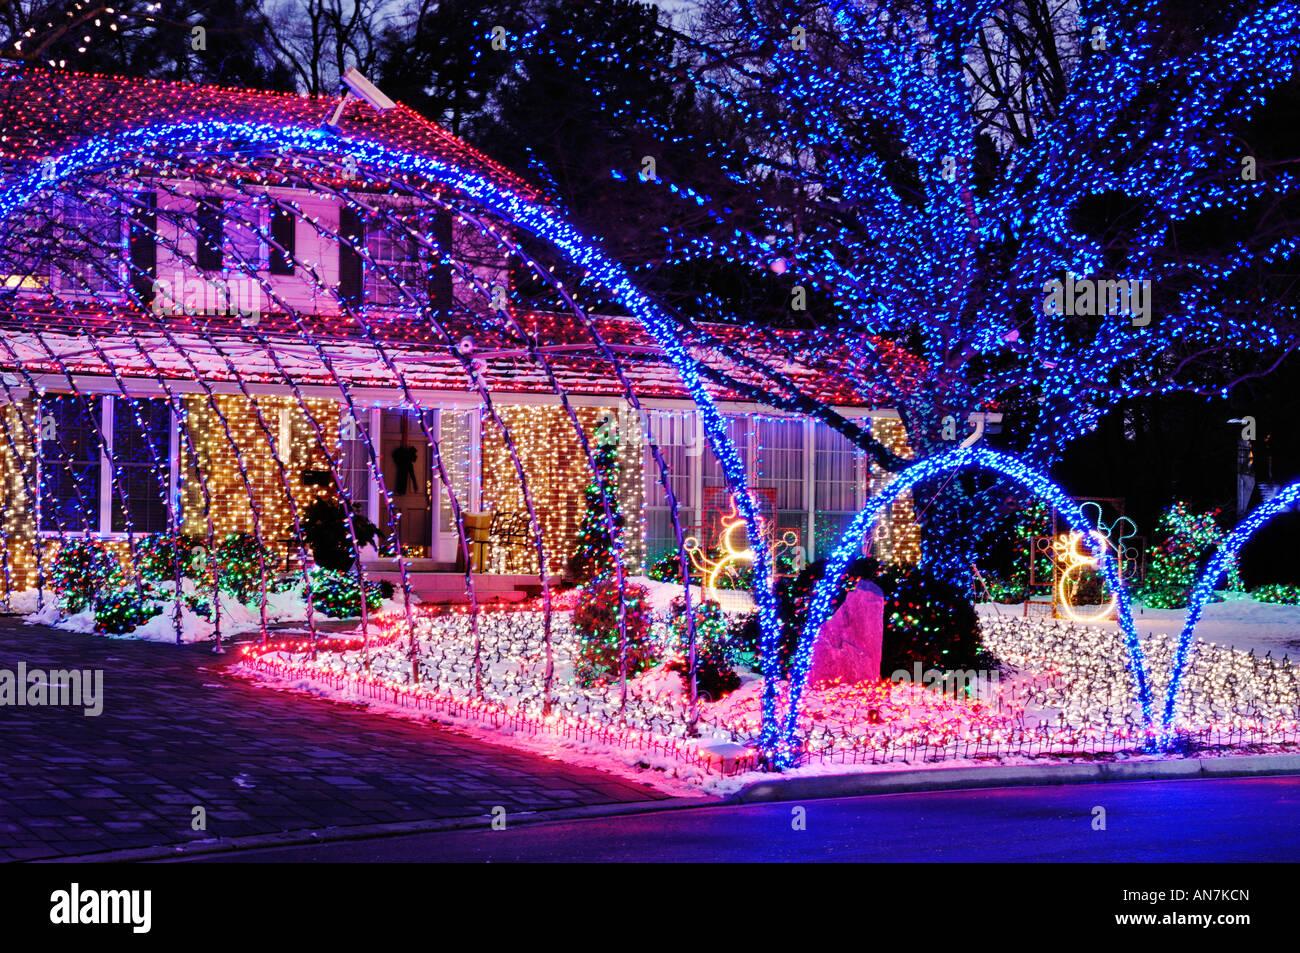 Casa Decorada Con Coloridas Luces De Navidad Brilla En La